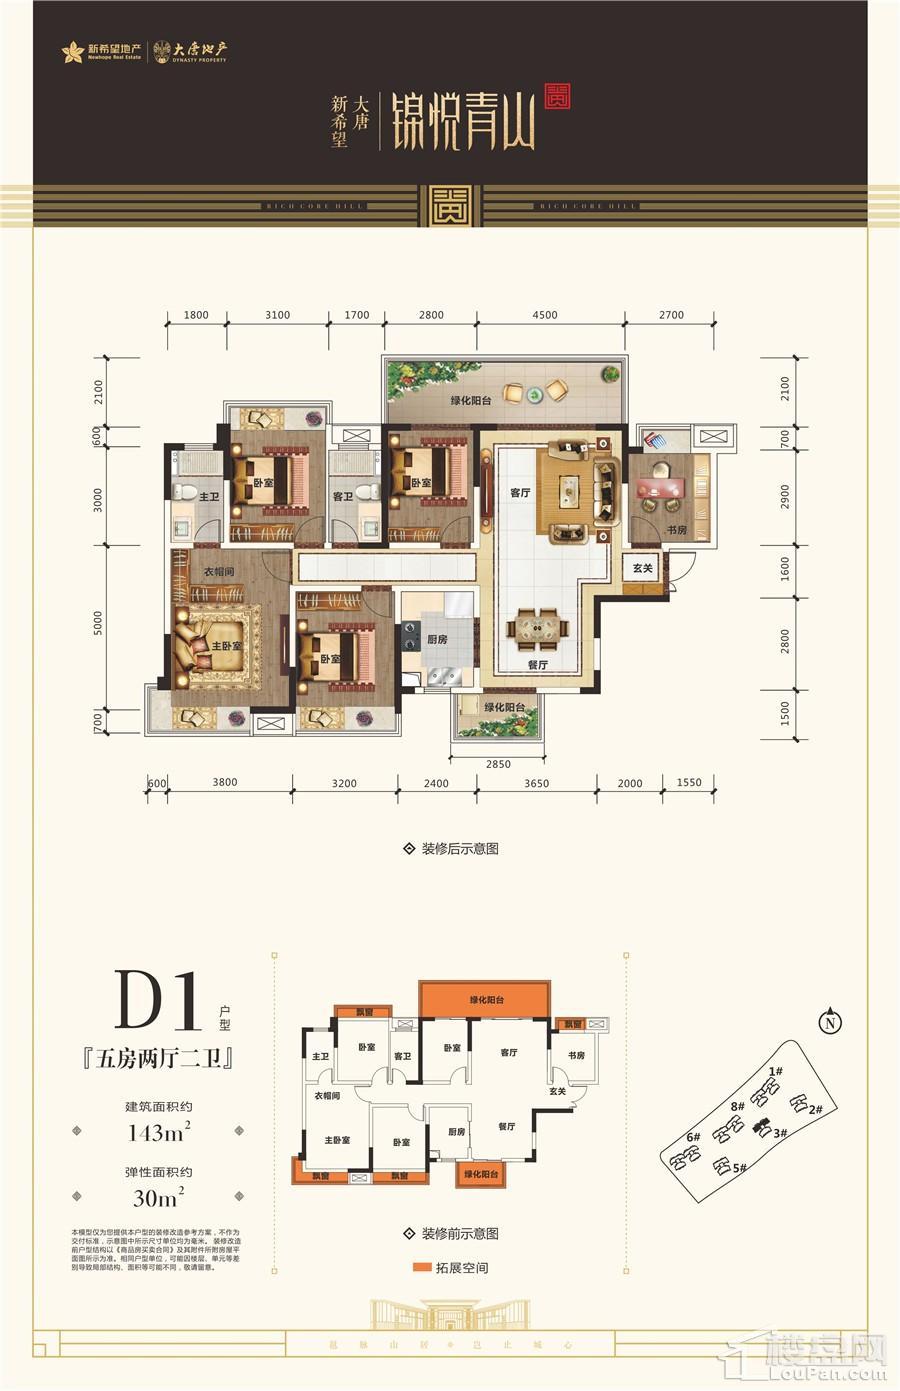 锦悦青山3#楼D1户型